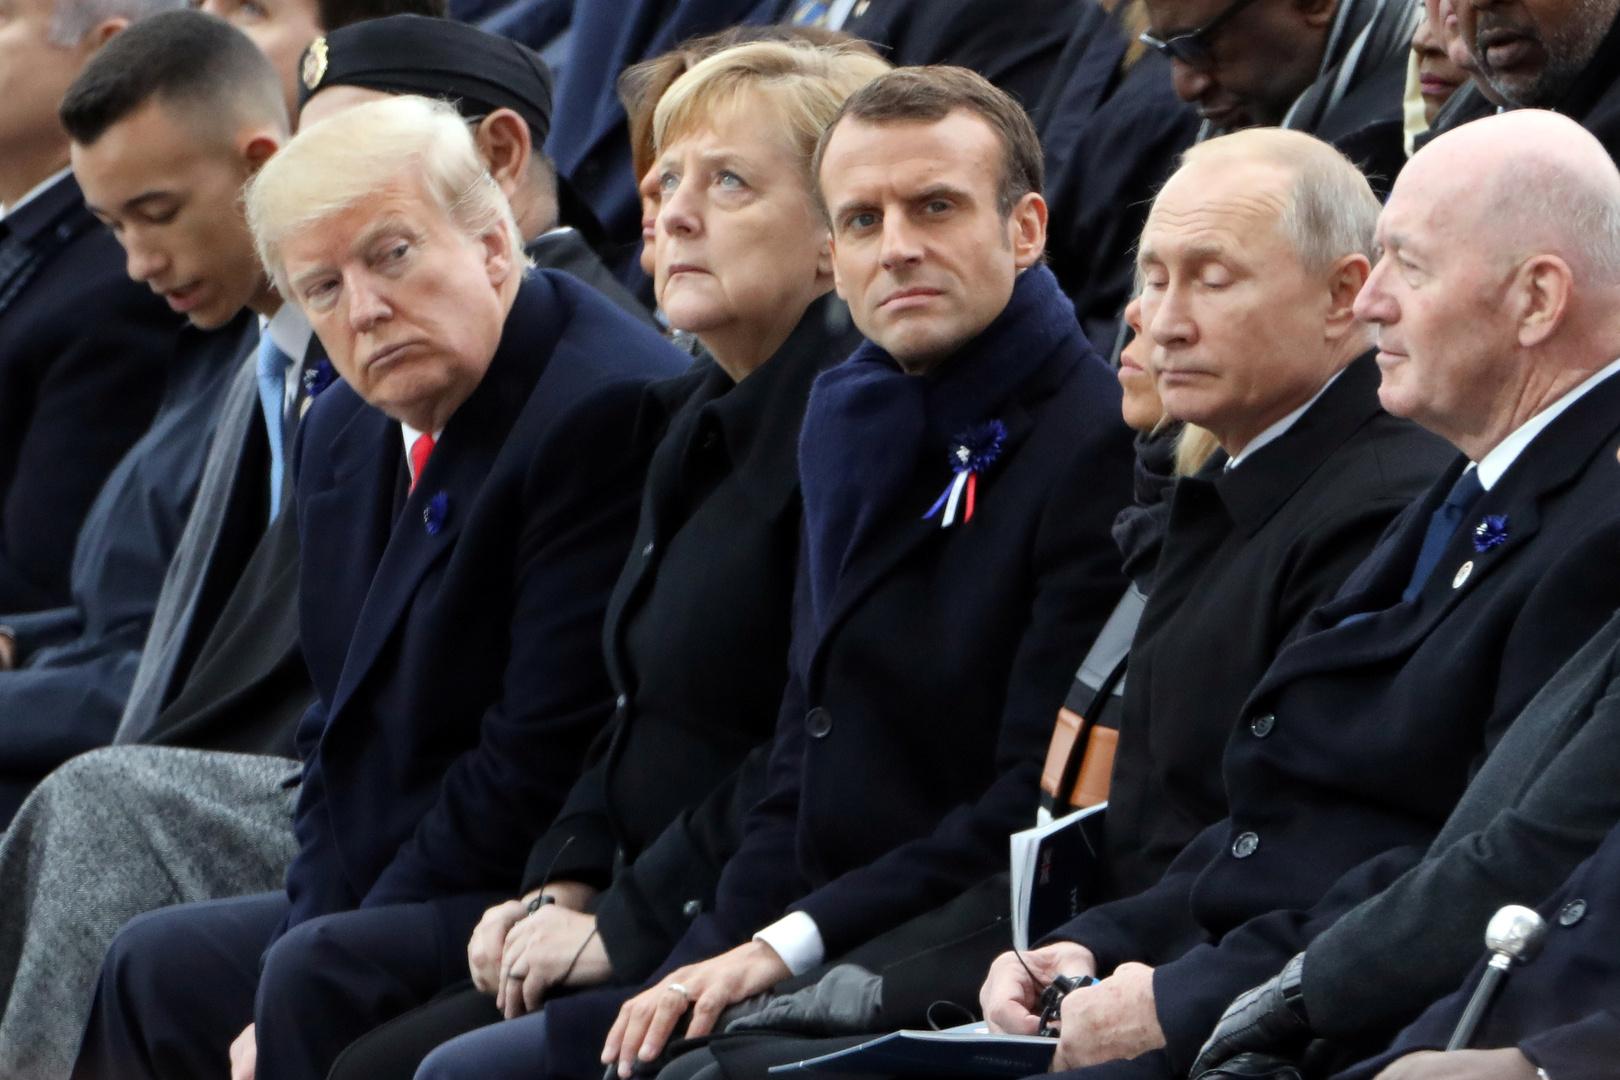 ترامب خلال مشاركته بالذكرى المئوية لانتهاء الحرب العالمية الأولى في باريس، 2018